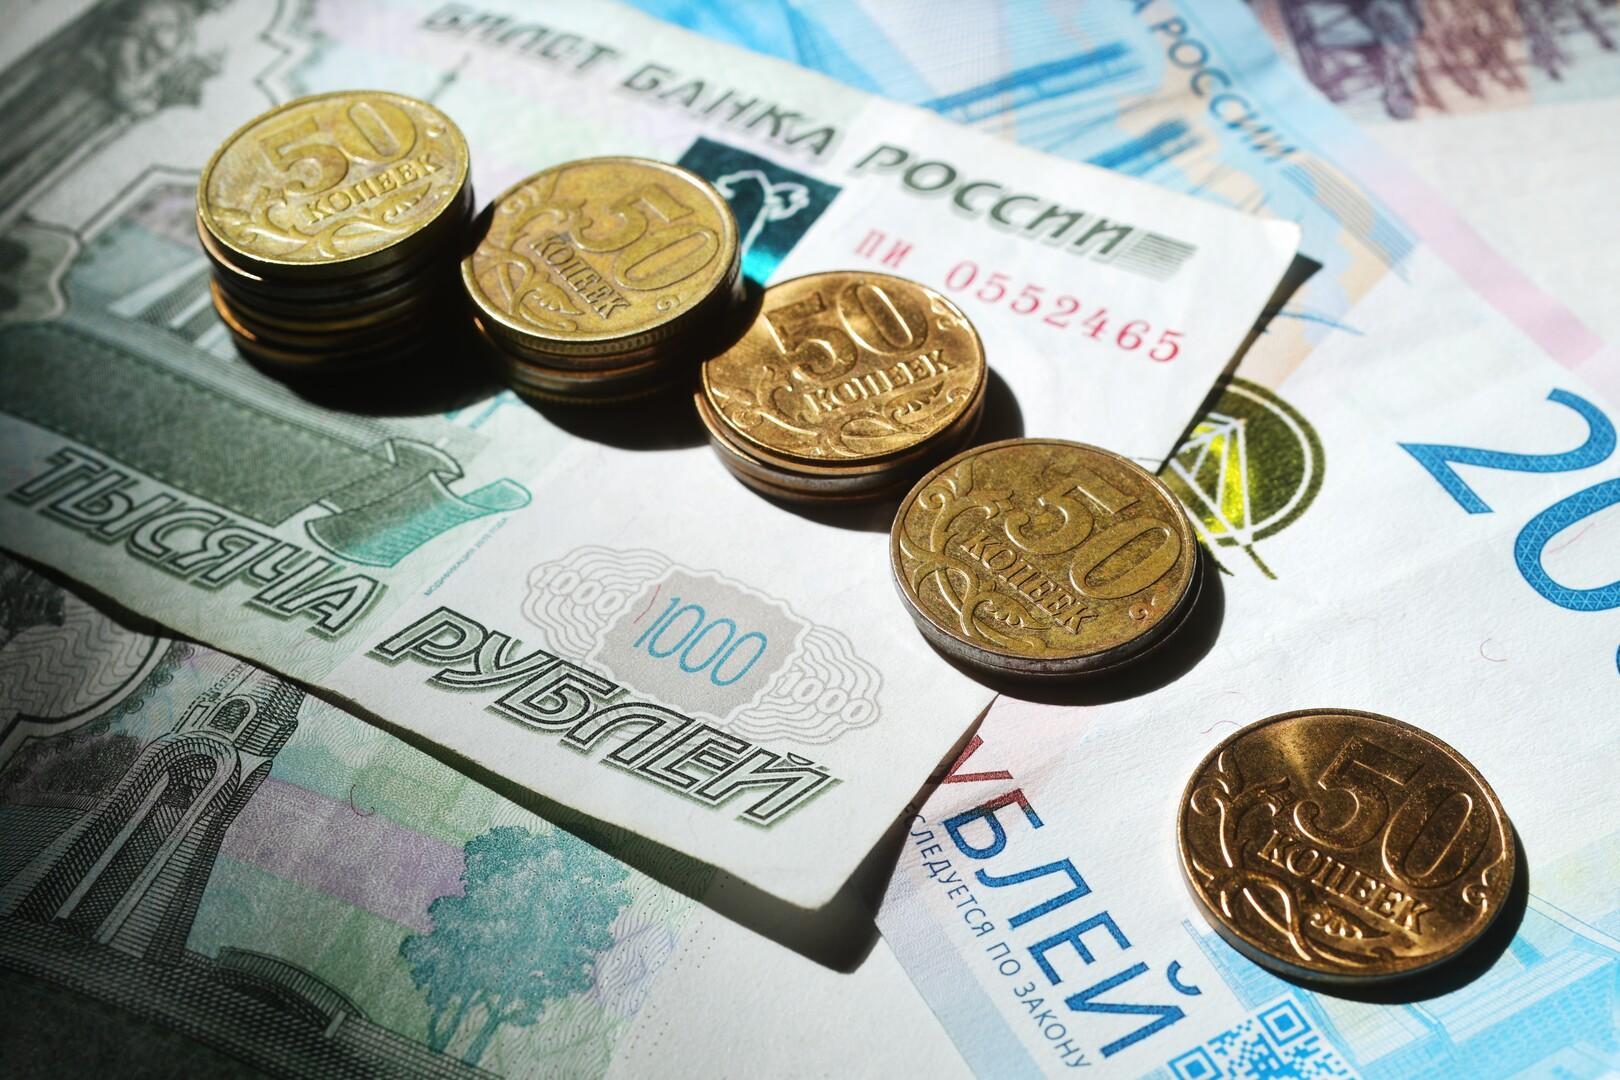 أكبر البنوك الروسية يخفض سعر الفائدة على القروض العقارية